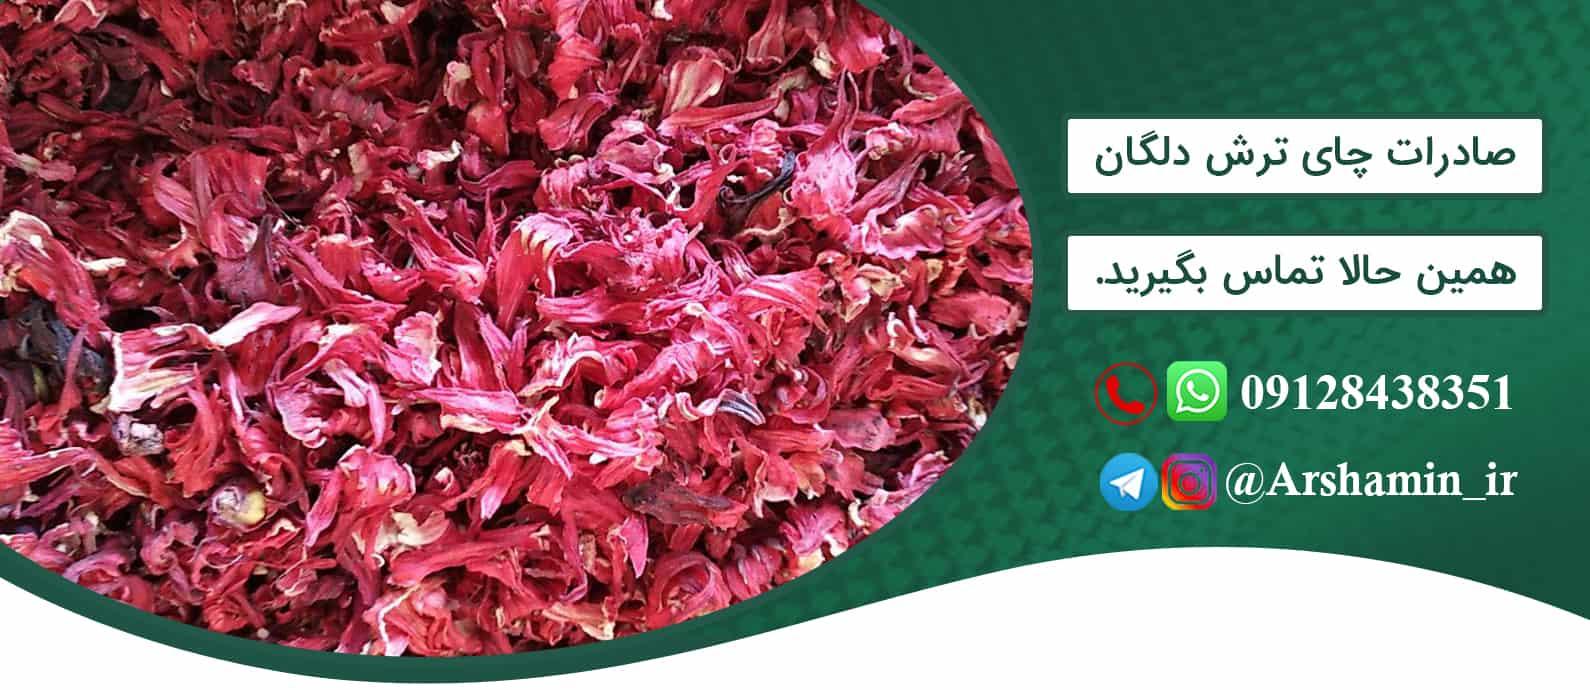 صادرات چای ترش سیستان و بلوچستان